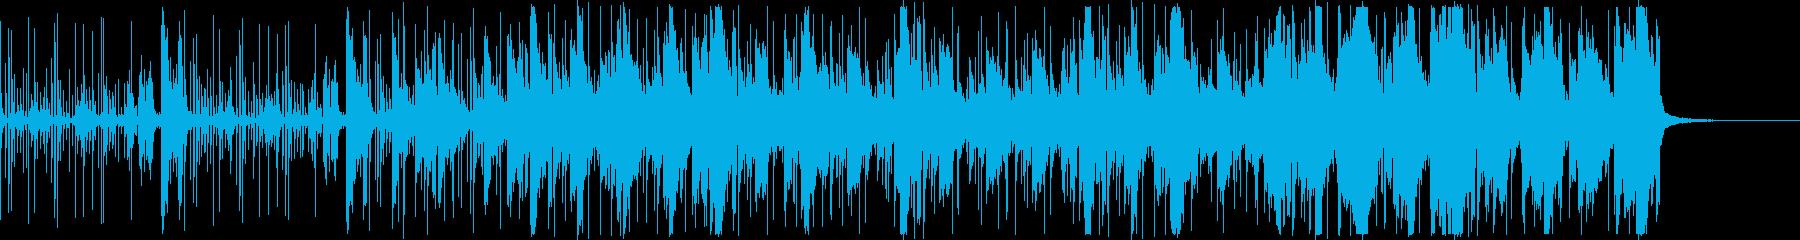 電子音・エレクトロニカ ハープ 切なげの再生済みの波形